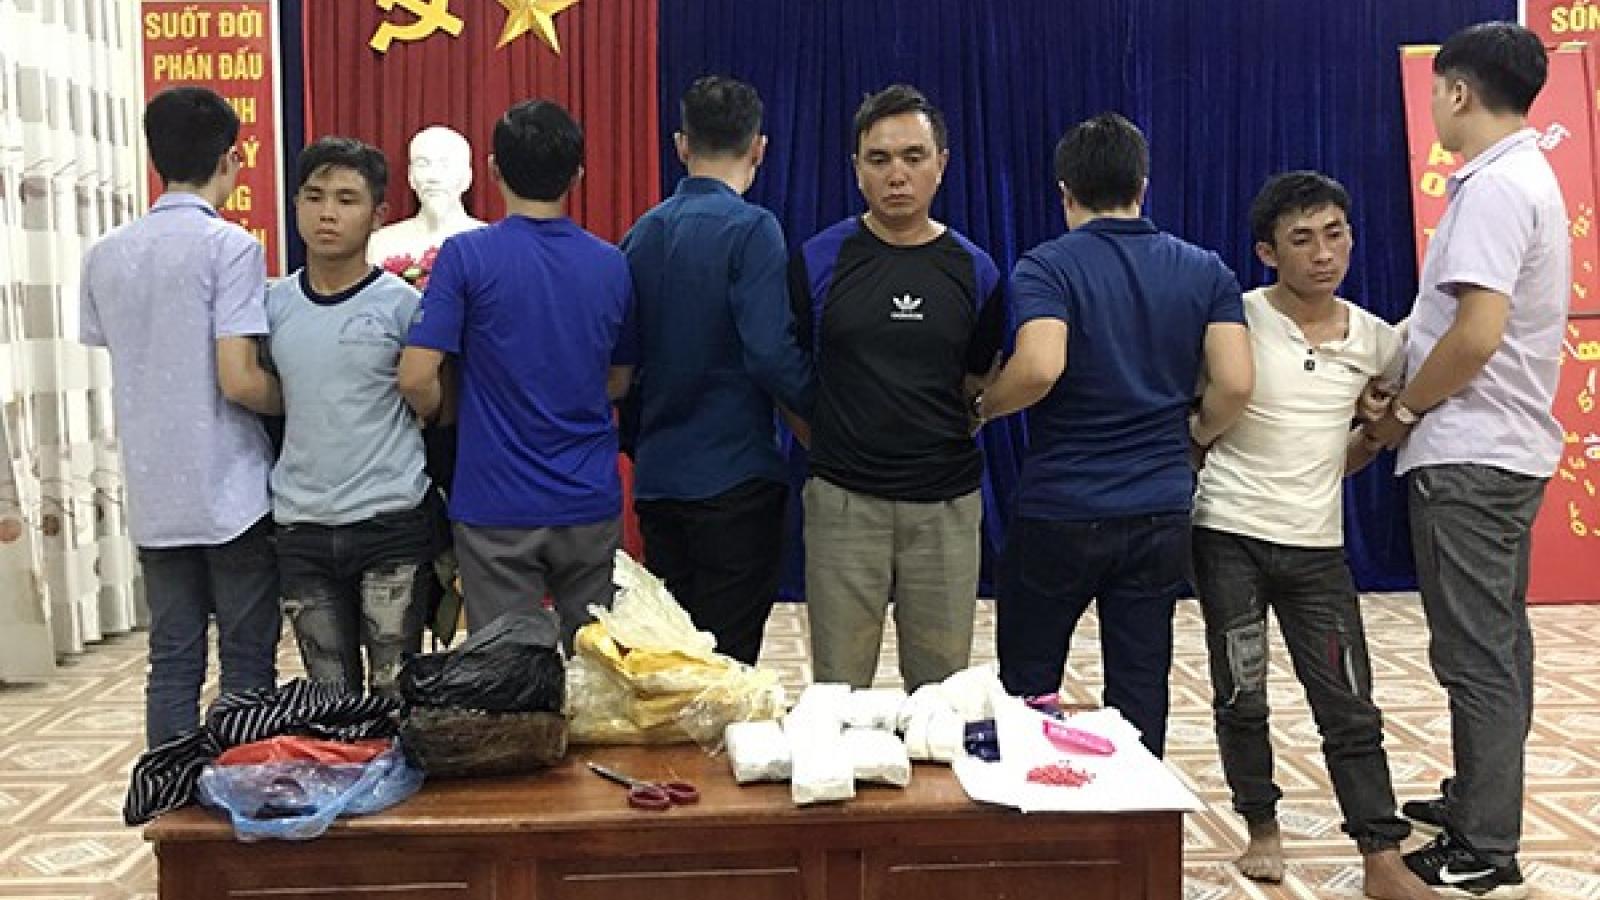 Bắt giữ 3 đối tượng chở 18.000 viên ma túy từ Điện Biên sang Lào Cai